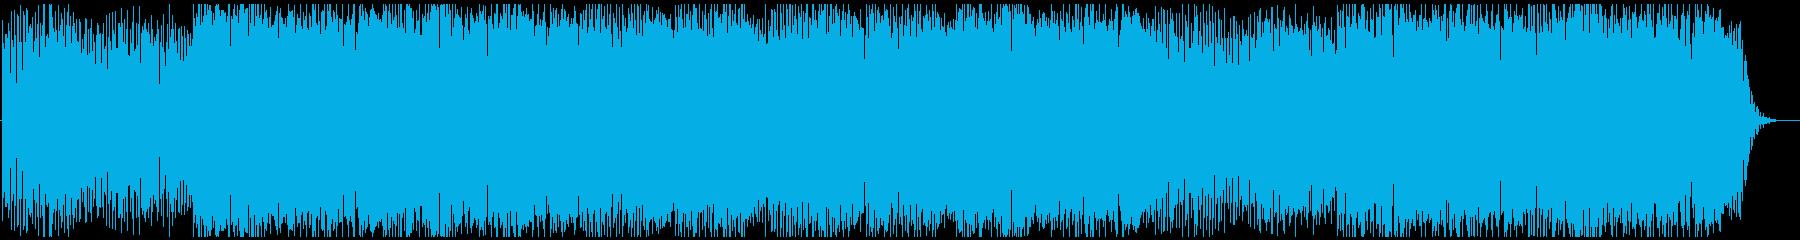 夢のようなホイッスルメロディー、ク...の再生済みの波形